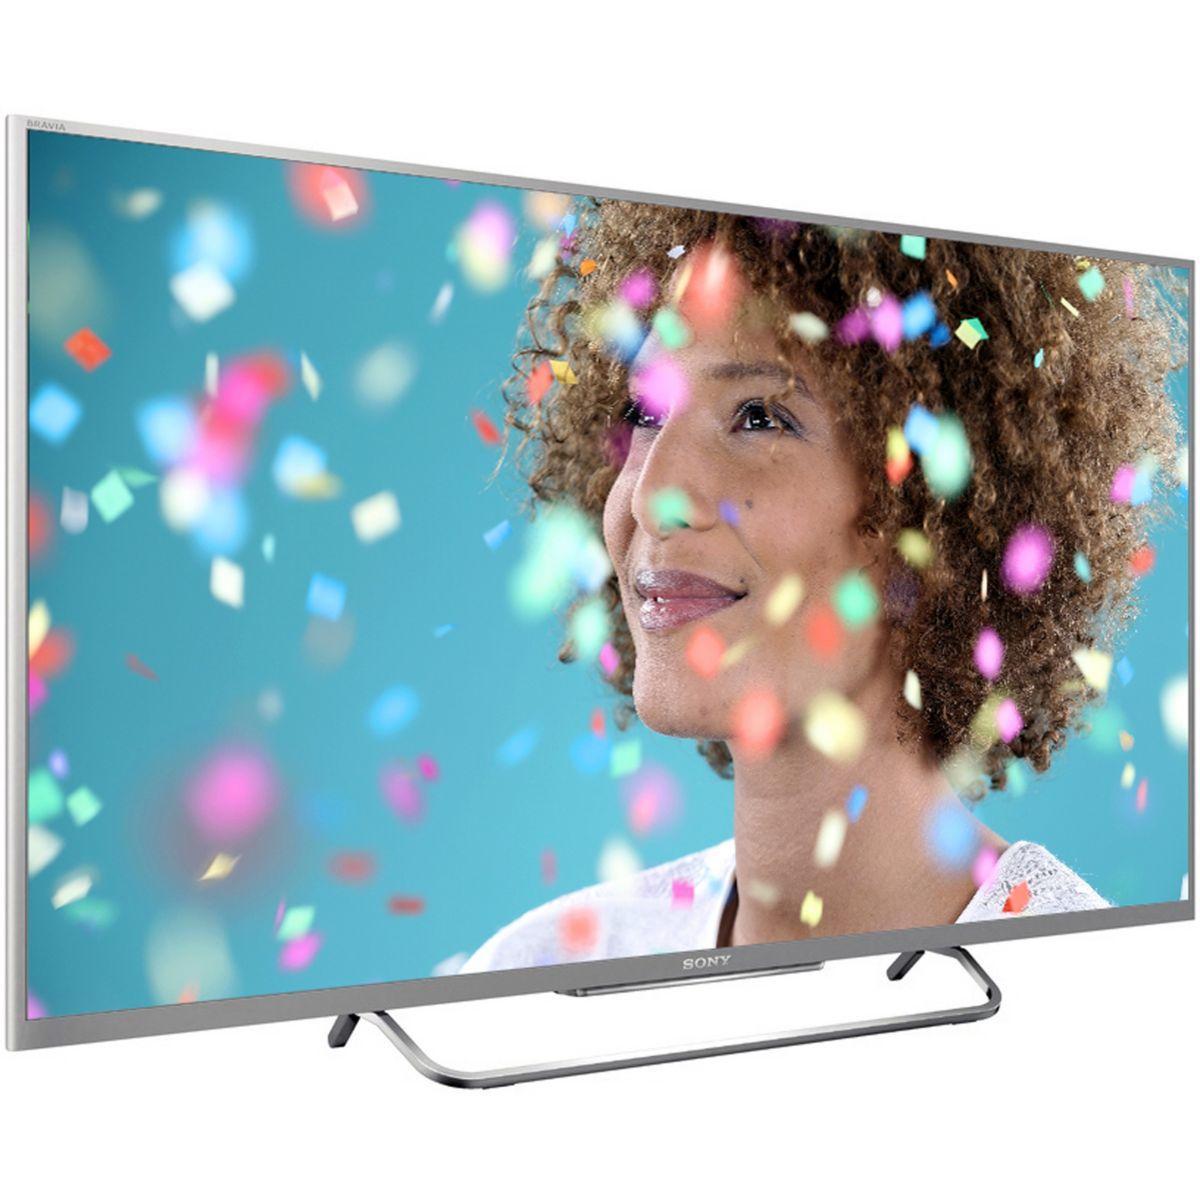 TV SONY KDL42W706 200 Hz MXR Smart TV